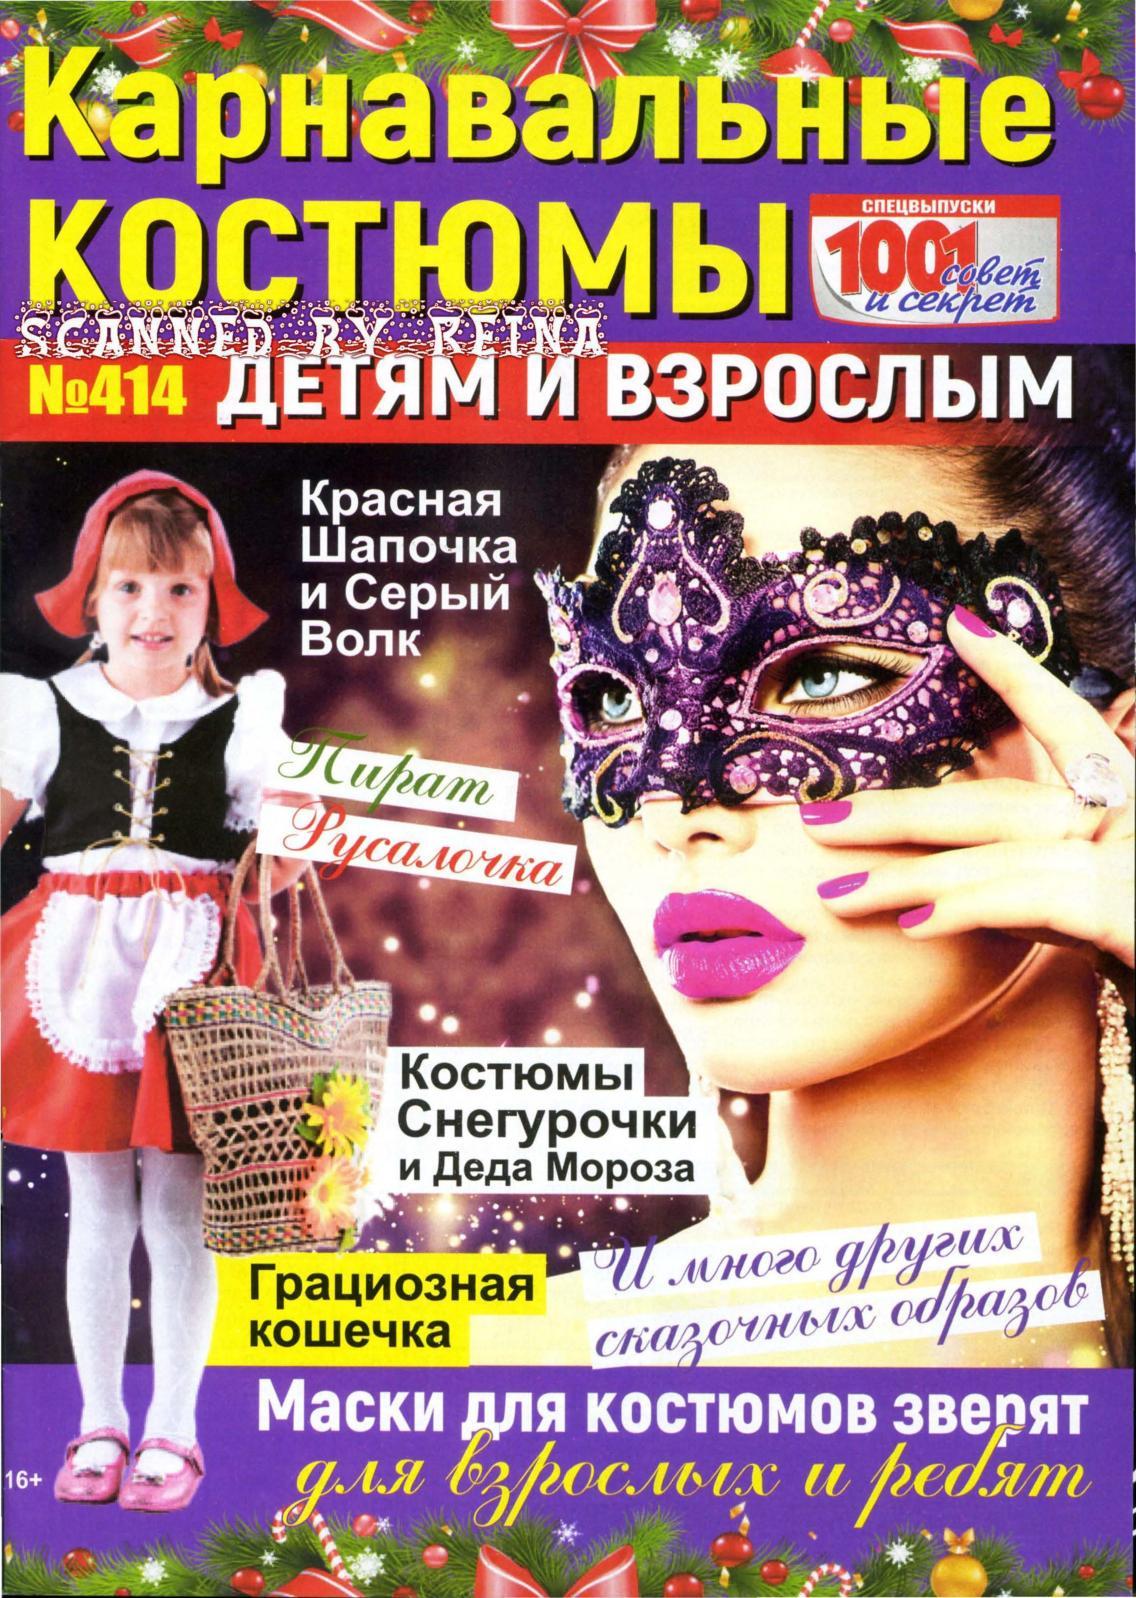 b21de0c3794 Calaméo - 1001 совет и секрет Спецвыпуск №414 Карнавальные костюмы детям и  взрослым R